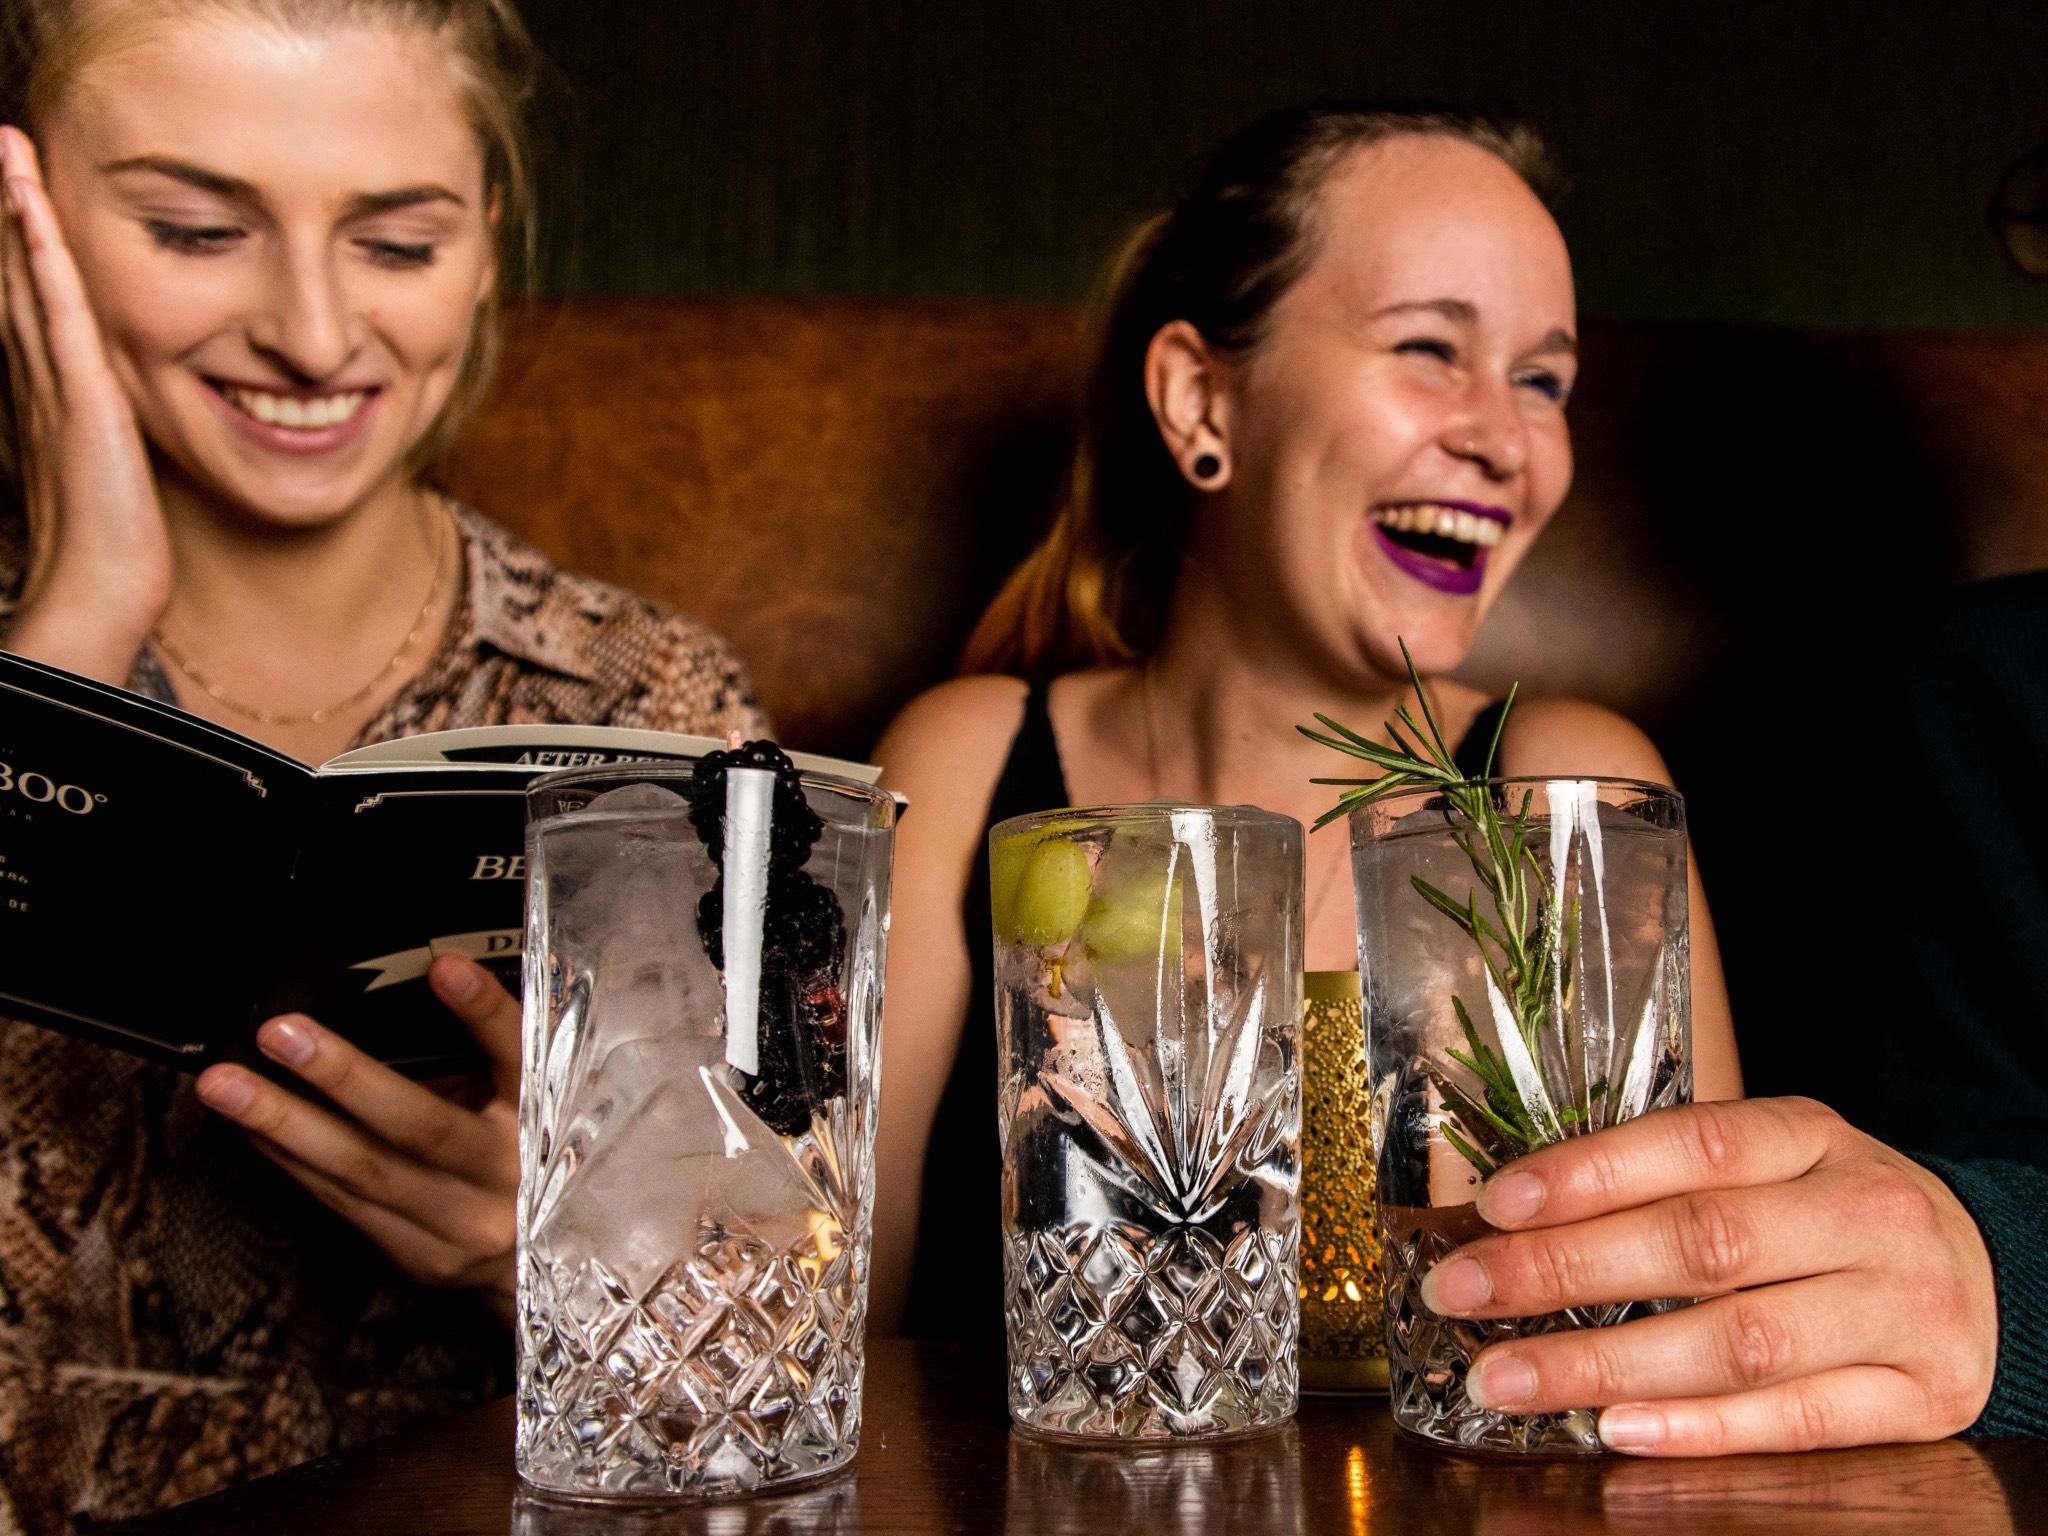 Wie wär's mit einer Nacht in der Beef 800 Bar? Foto: xtrakt media / Lukas Seufert